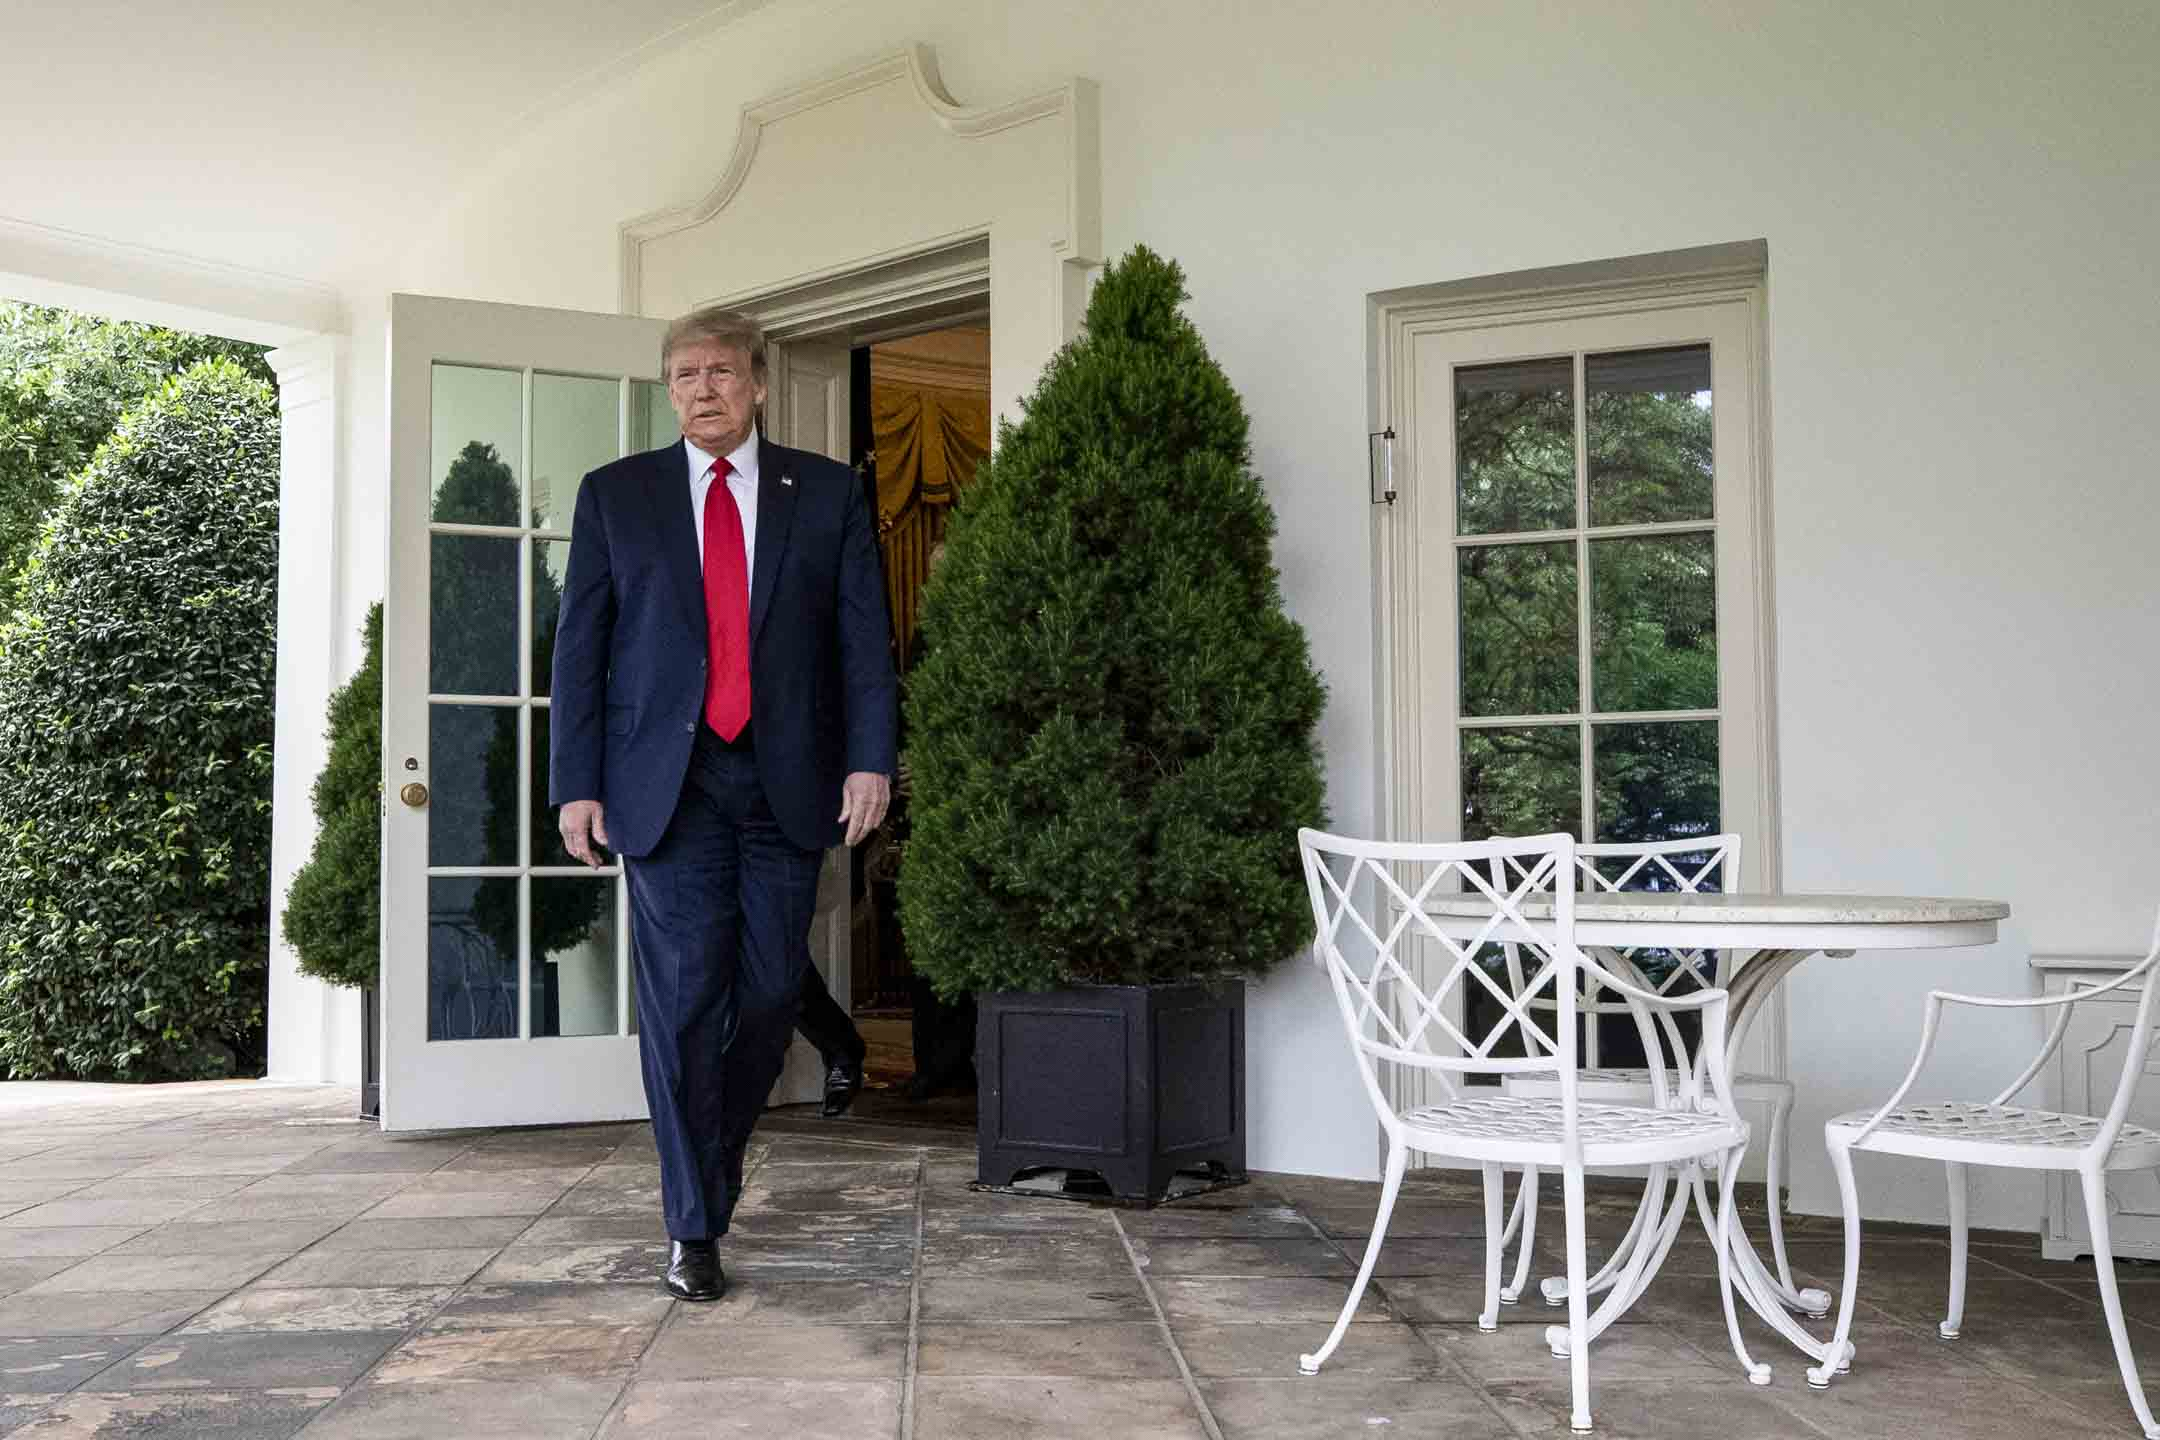 2020年5月29日,美國總統特朗普在白宮玫瑰園召開記者會,批評中國推出港區國安法。 攝:Alex Brandon/AP/達志影像